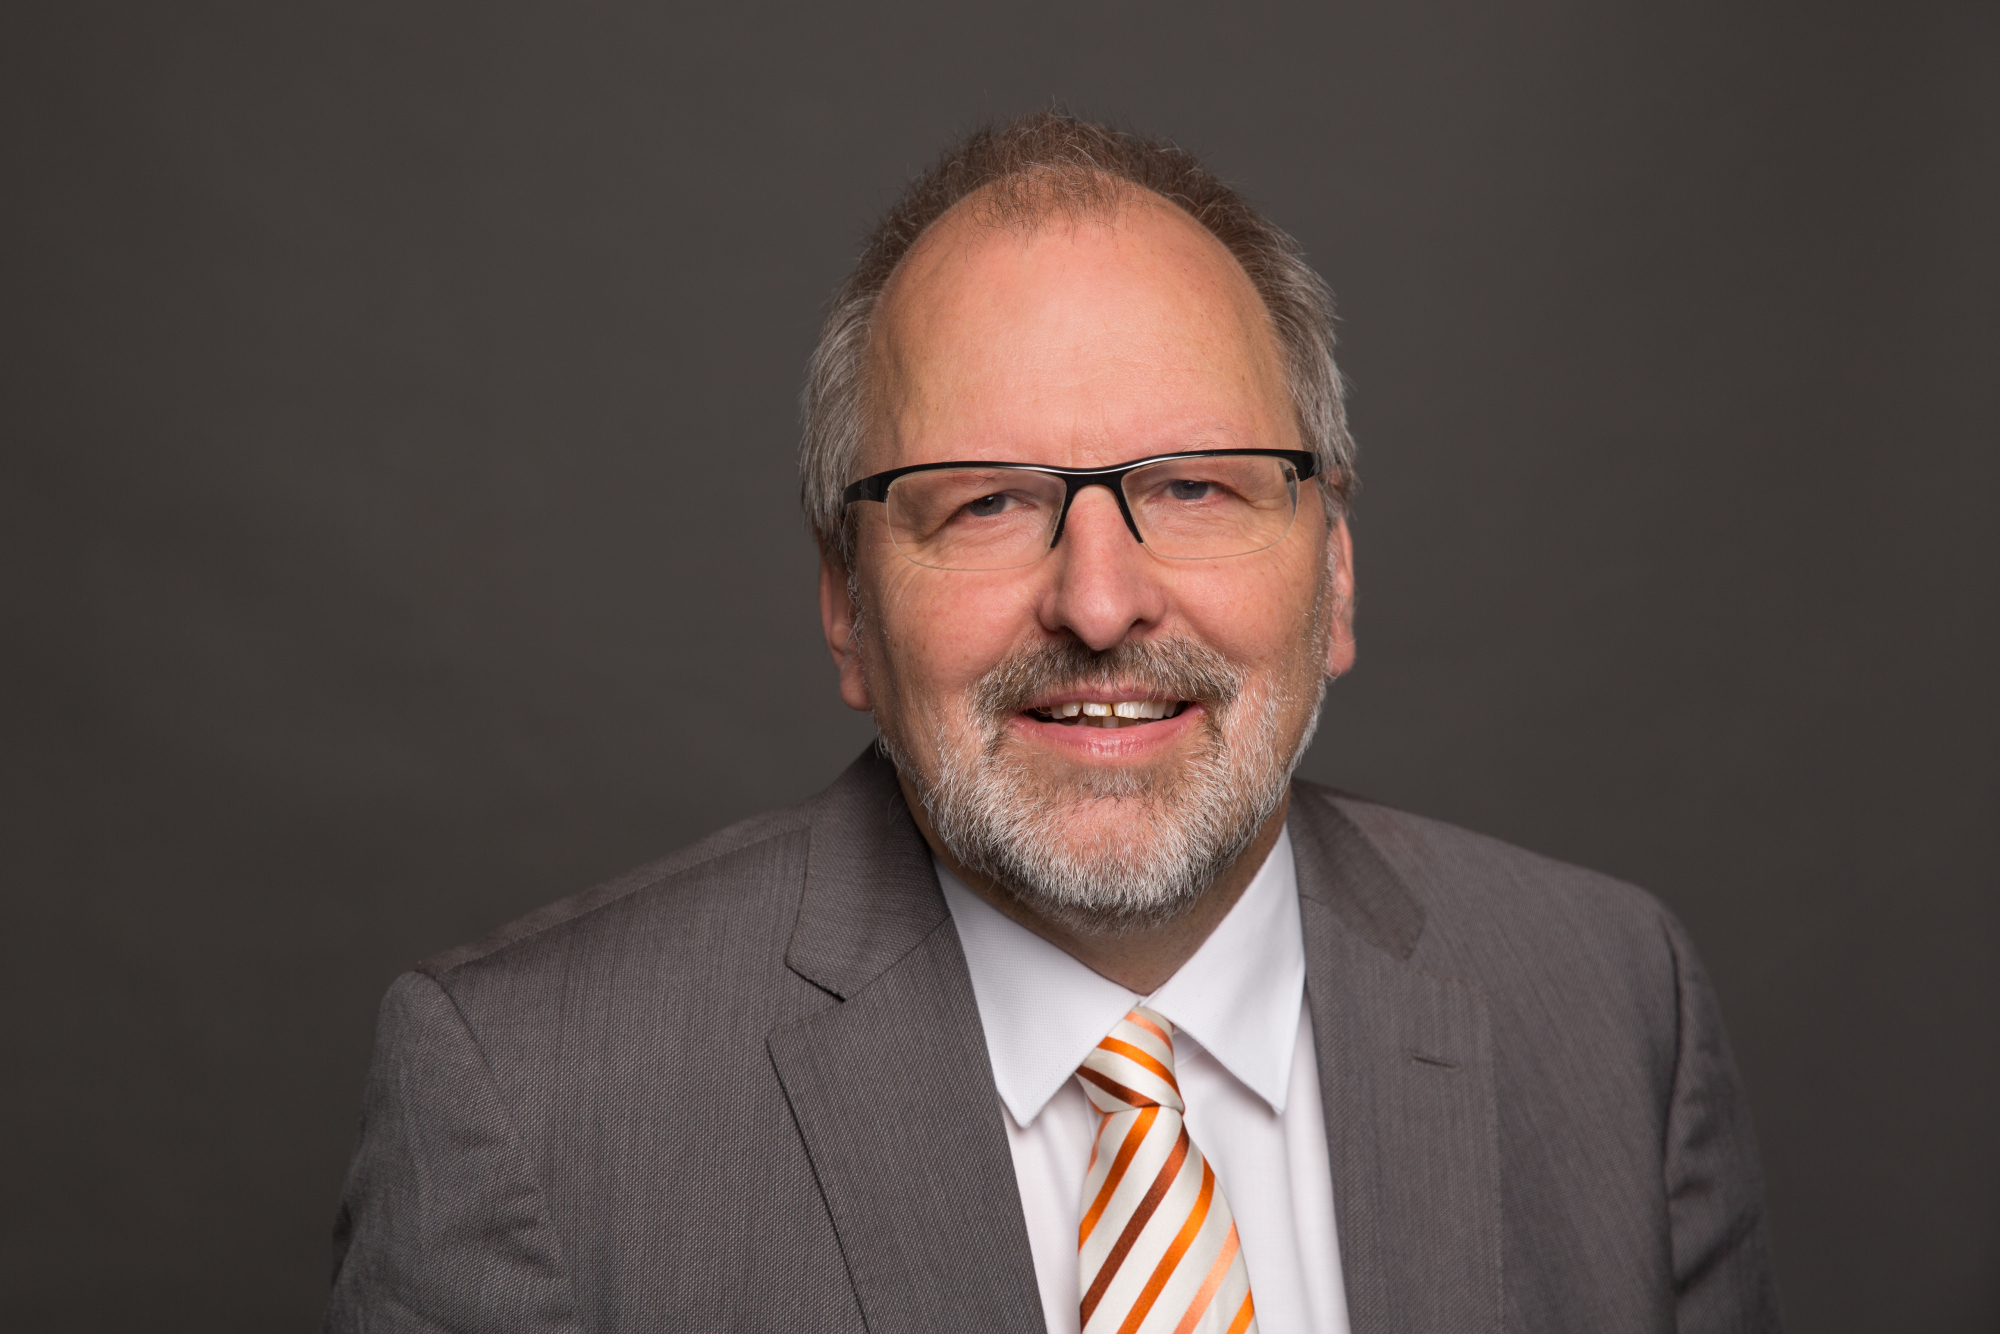 Heinz Peter Meidinger